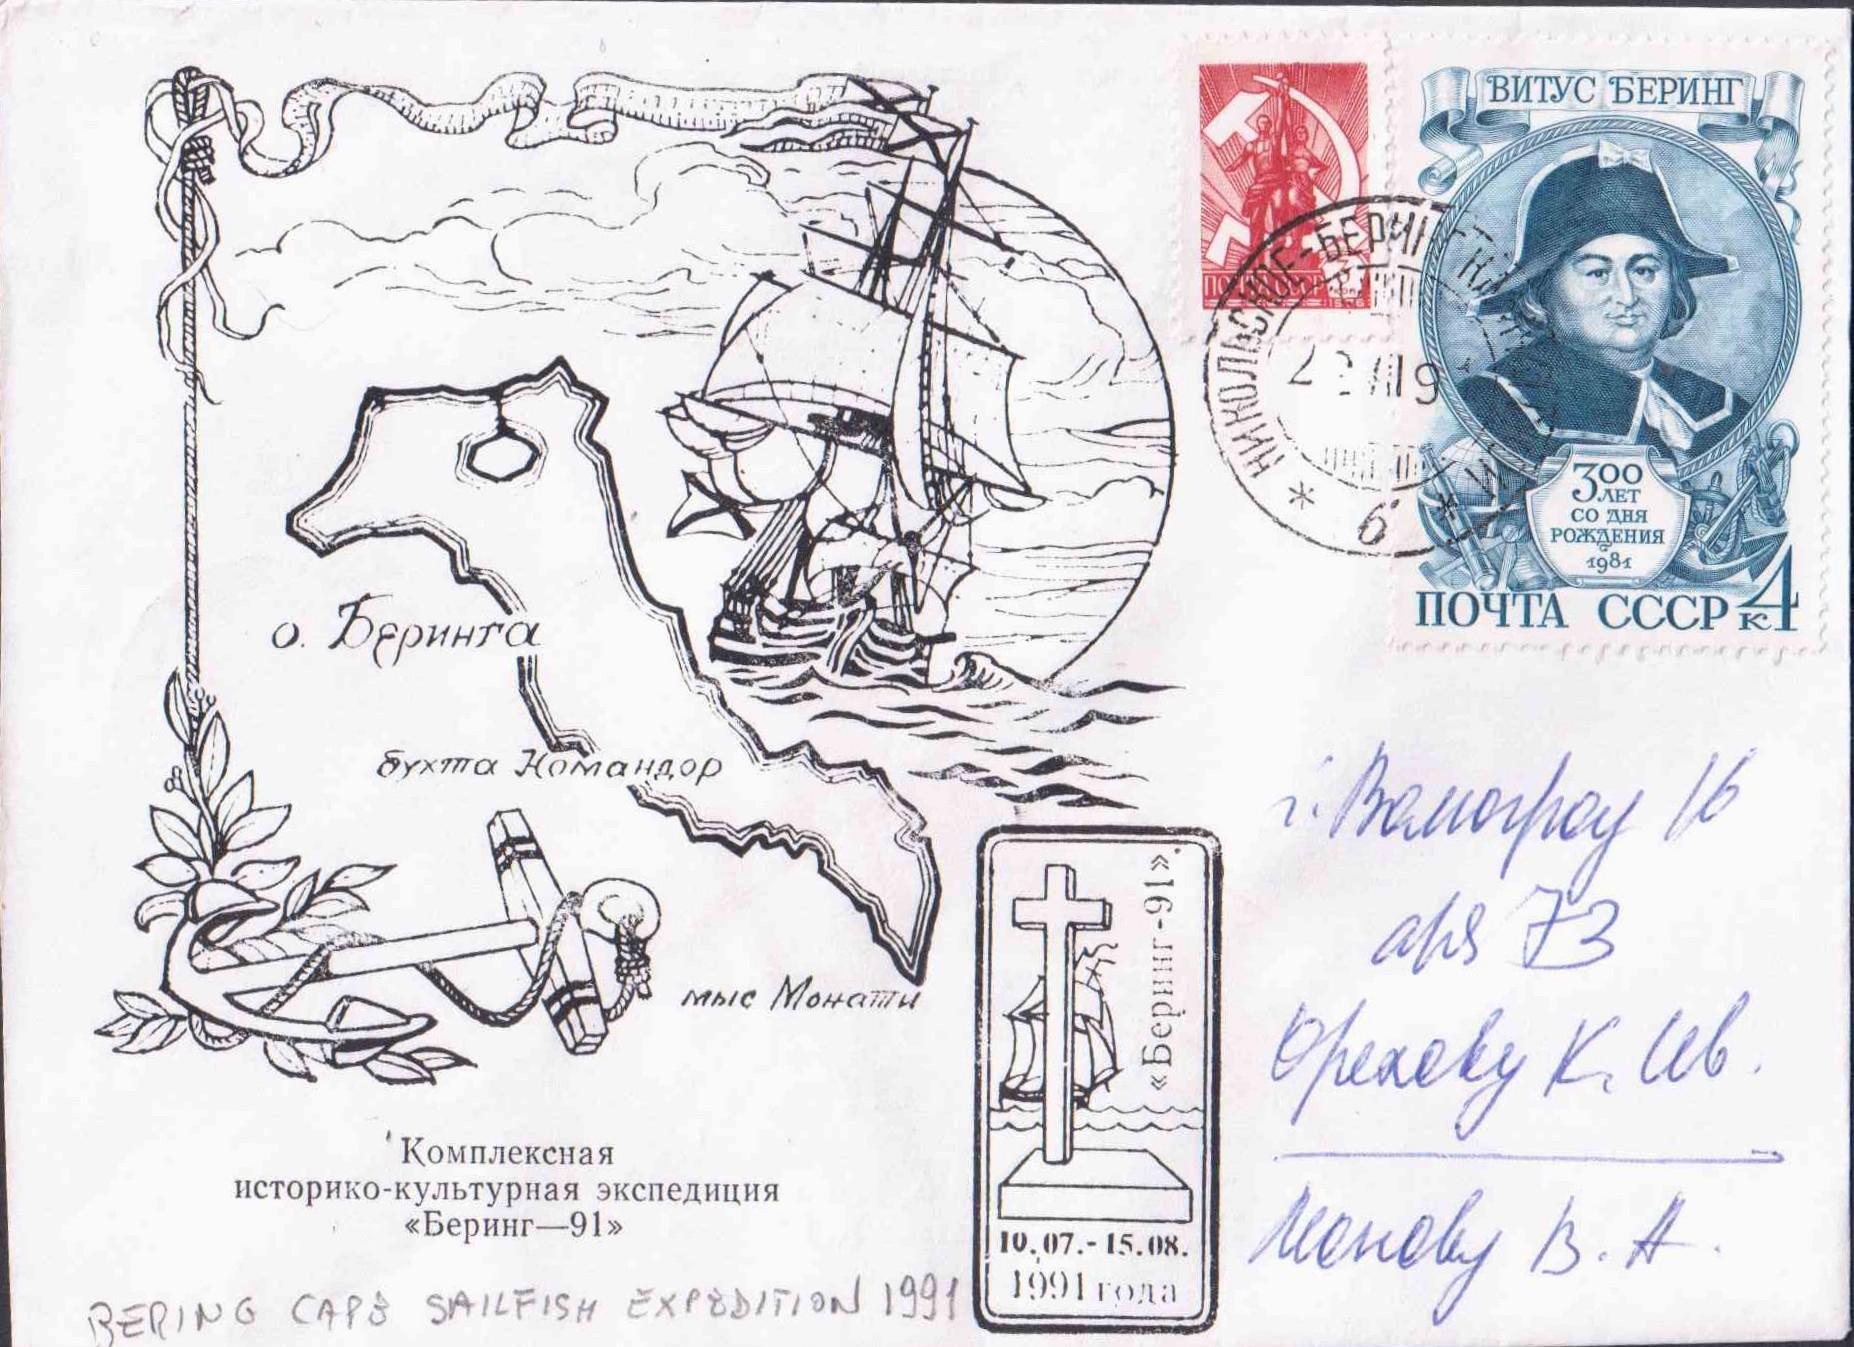 1991 Spedizione di Bering Cape Sailfish